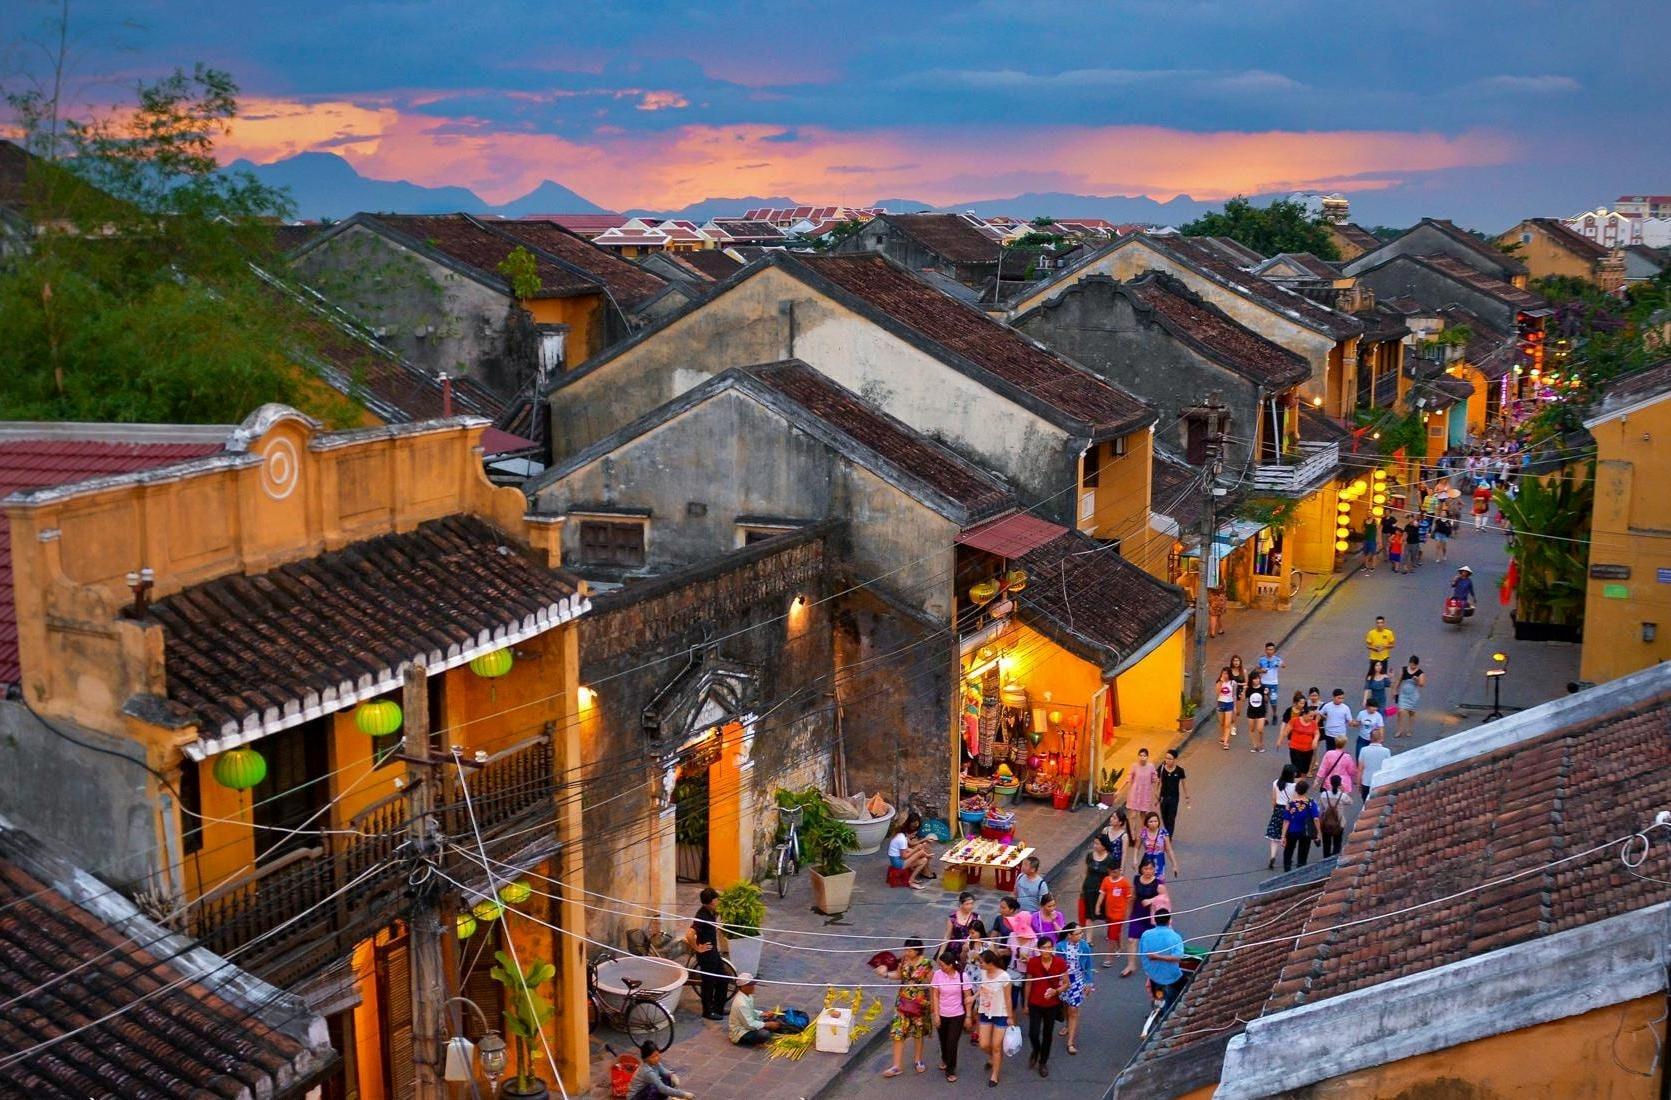 Du lịch Đà Nẵng 5 ngày 4 đêm 8